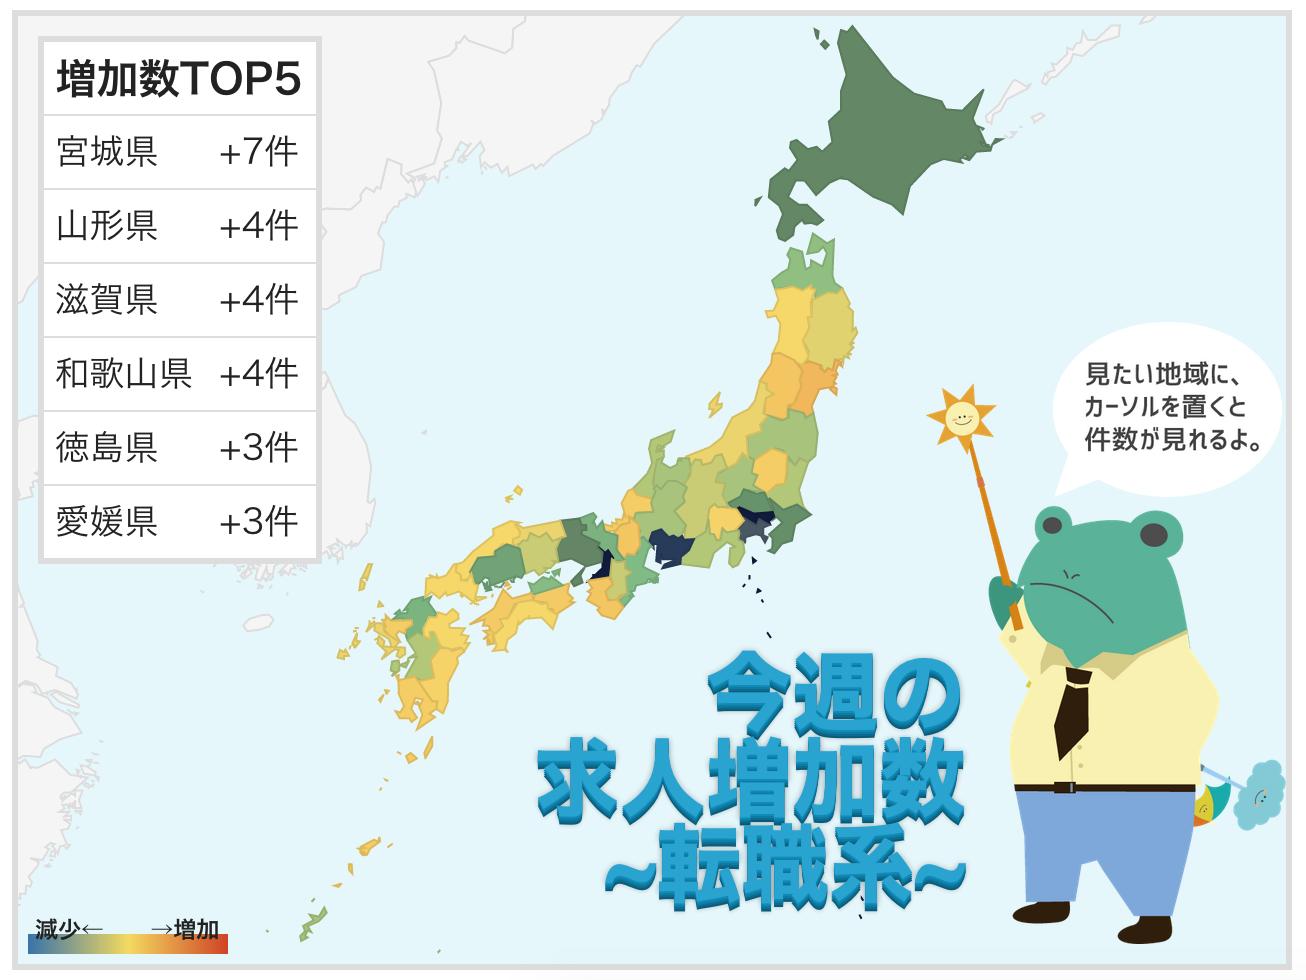 今週最も求人が増えたのは宮城(+7件)、減ったのは東京(ー688件) - 都道府県別求人掲載件数 -